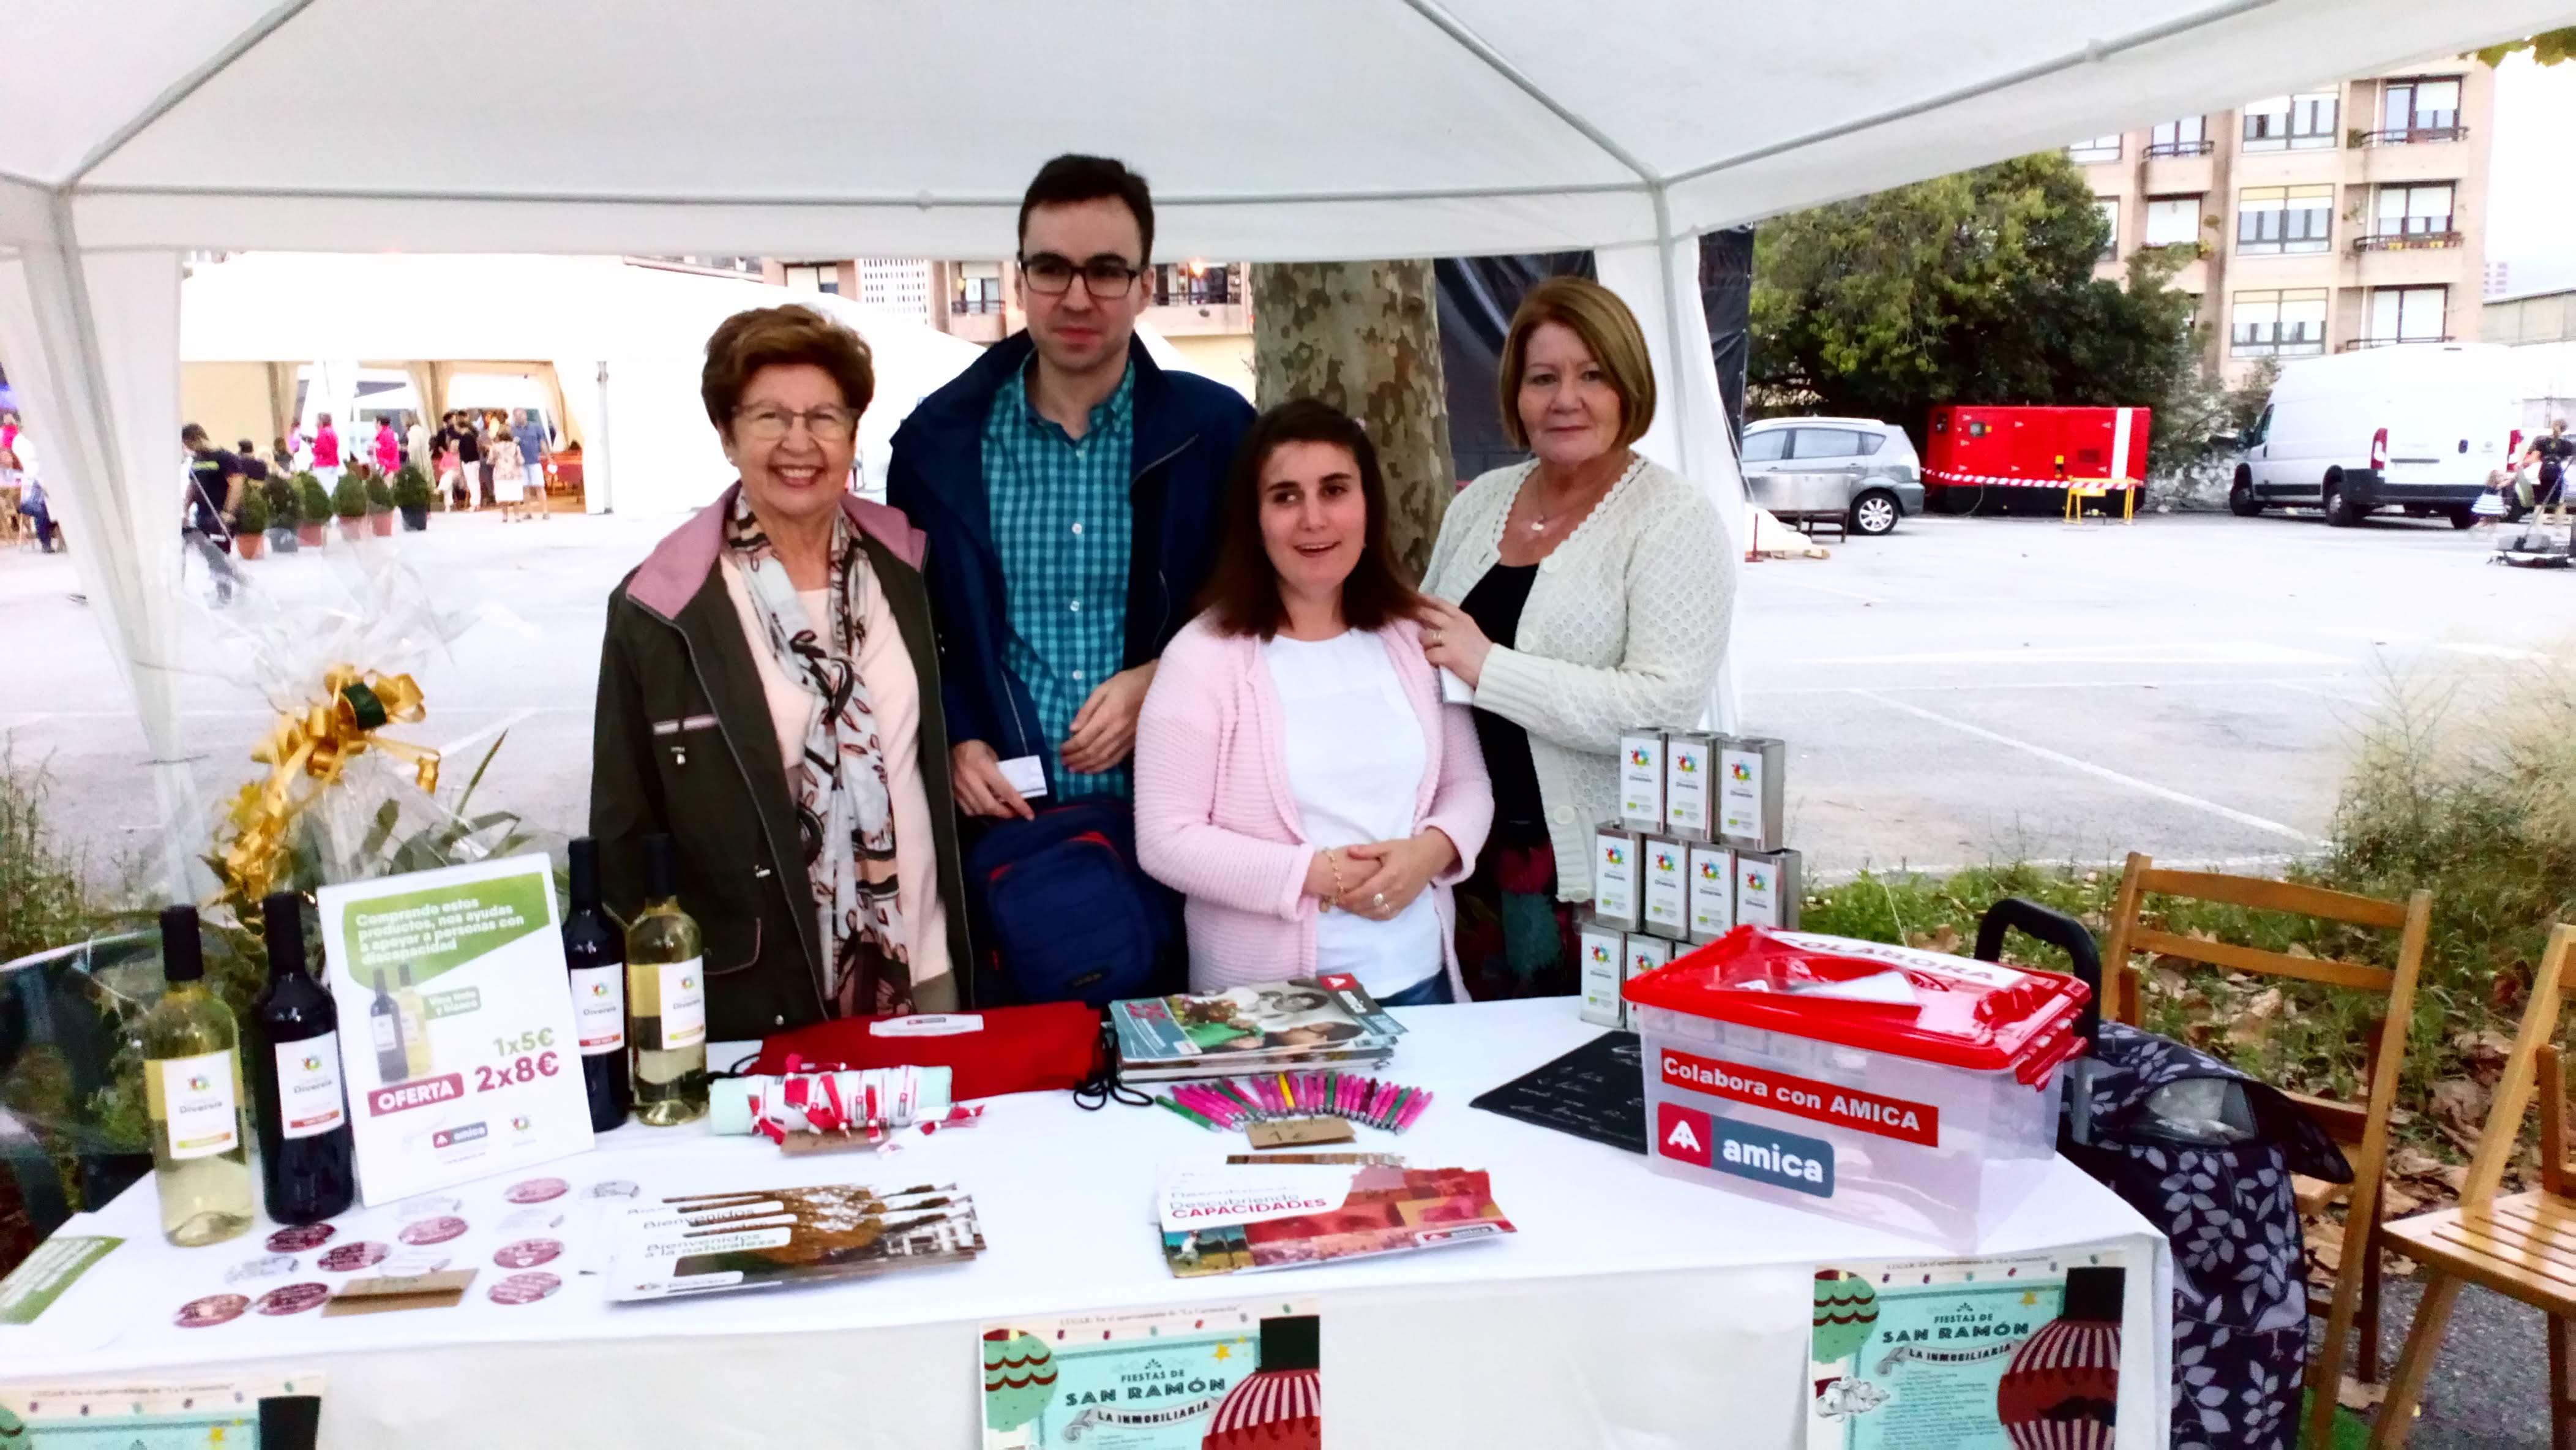 """Donan los beneficios de la fiesta de """"San Ramón"""" en la Inmobiliaria a Amica"""